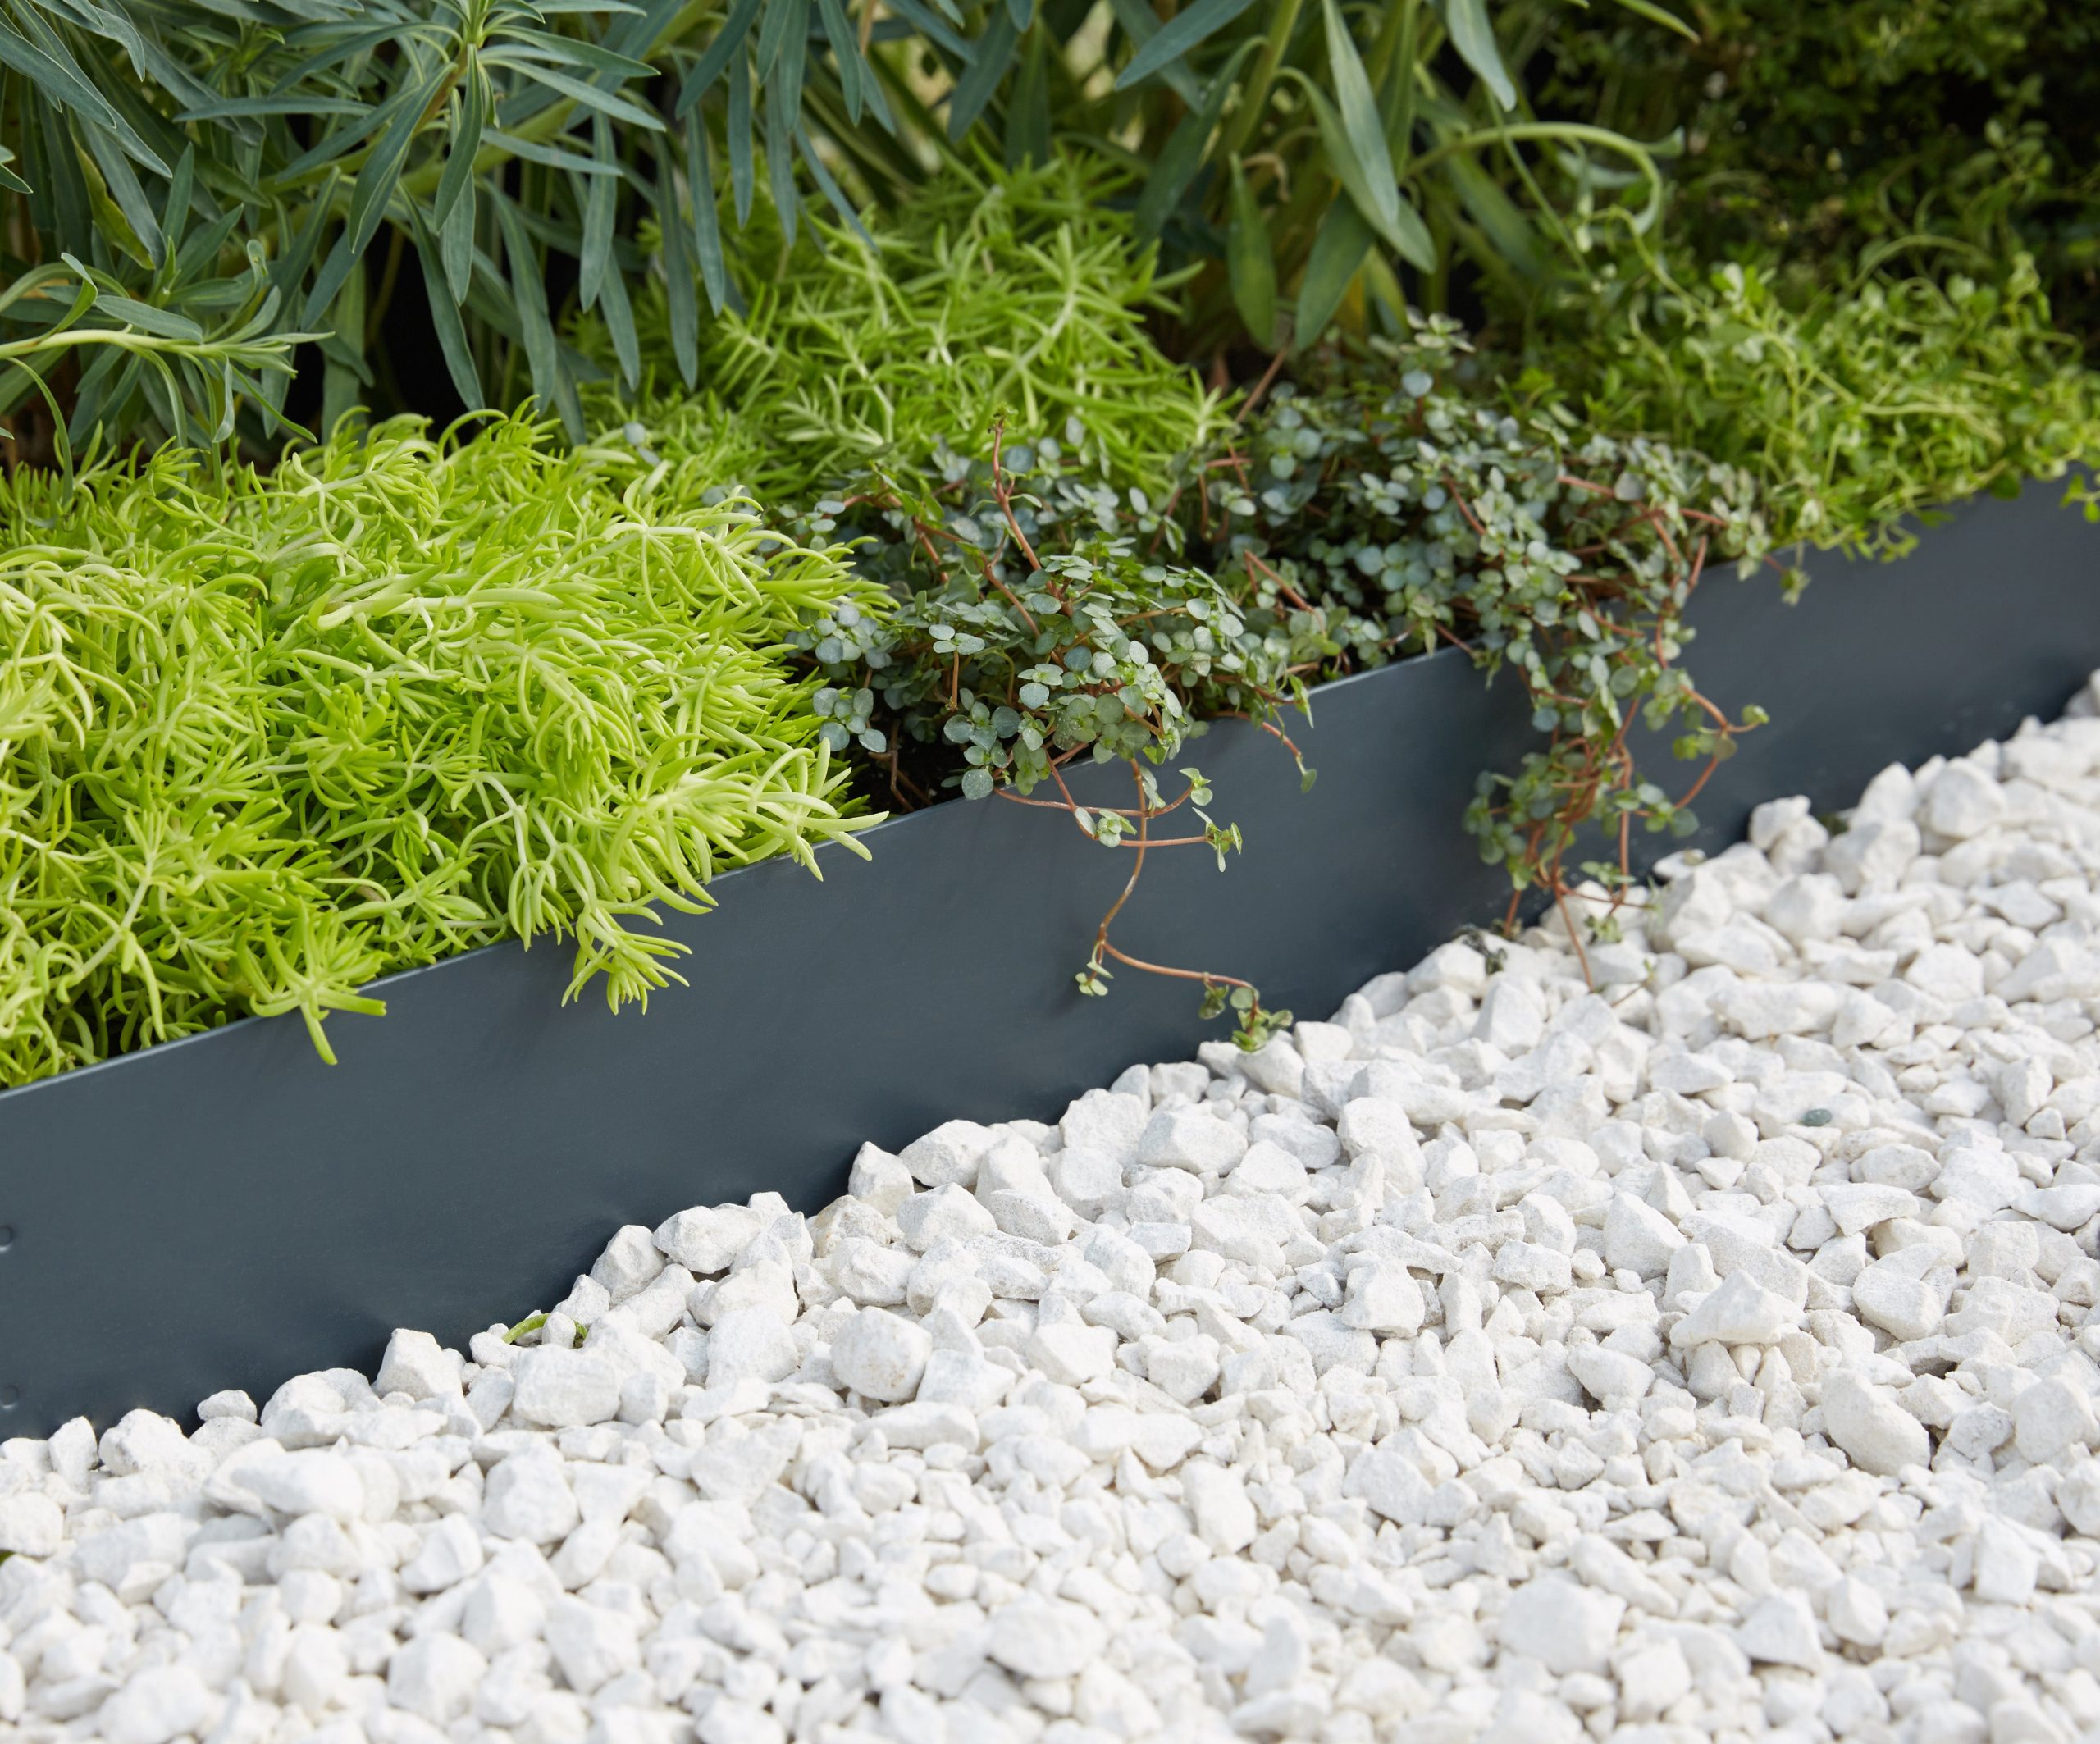 Bordure À Planter Galva Acier Galvanisé Gris, H.12 X L.99 Cm pour Bordures De Jardin Leroy Merlin